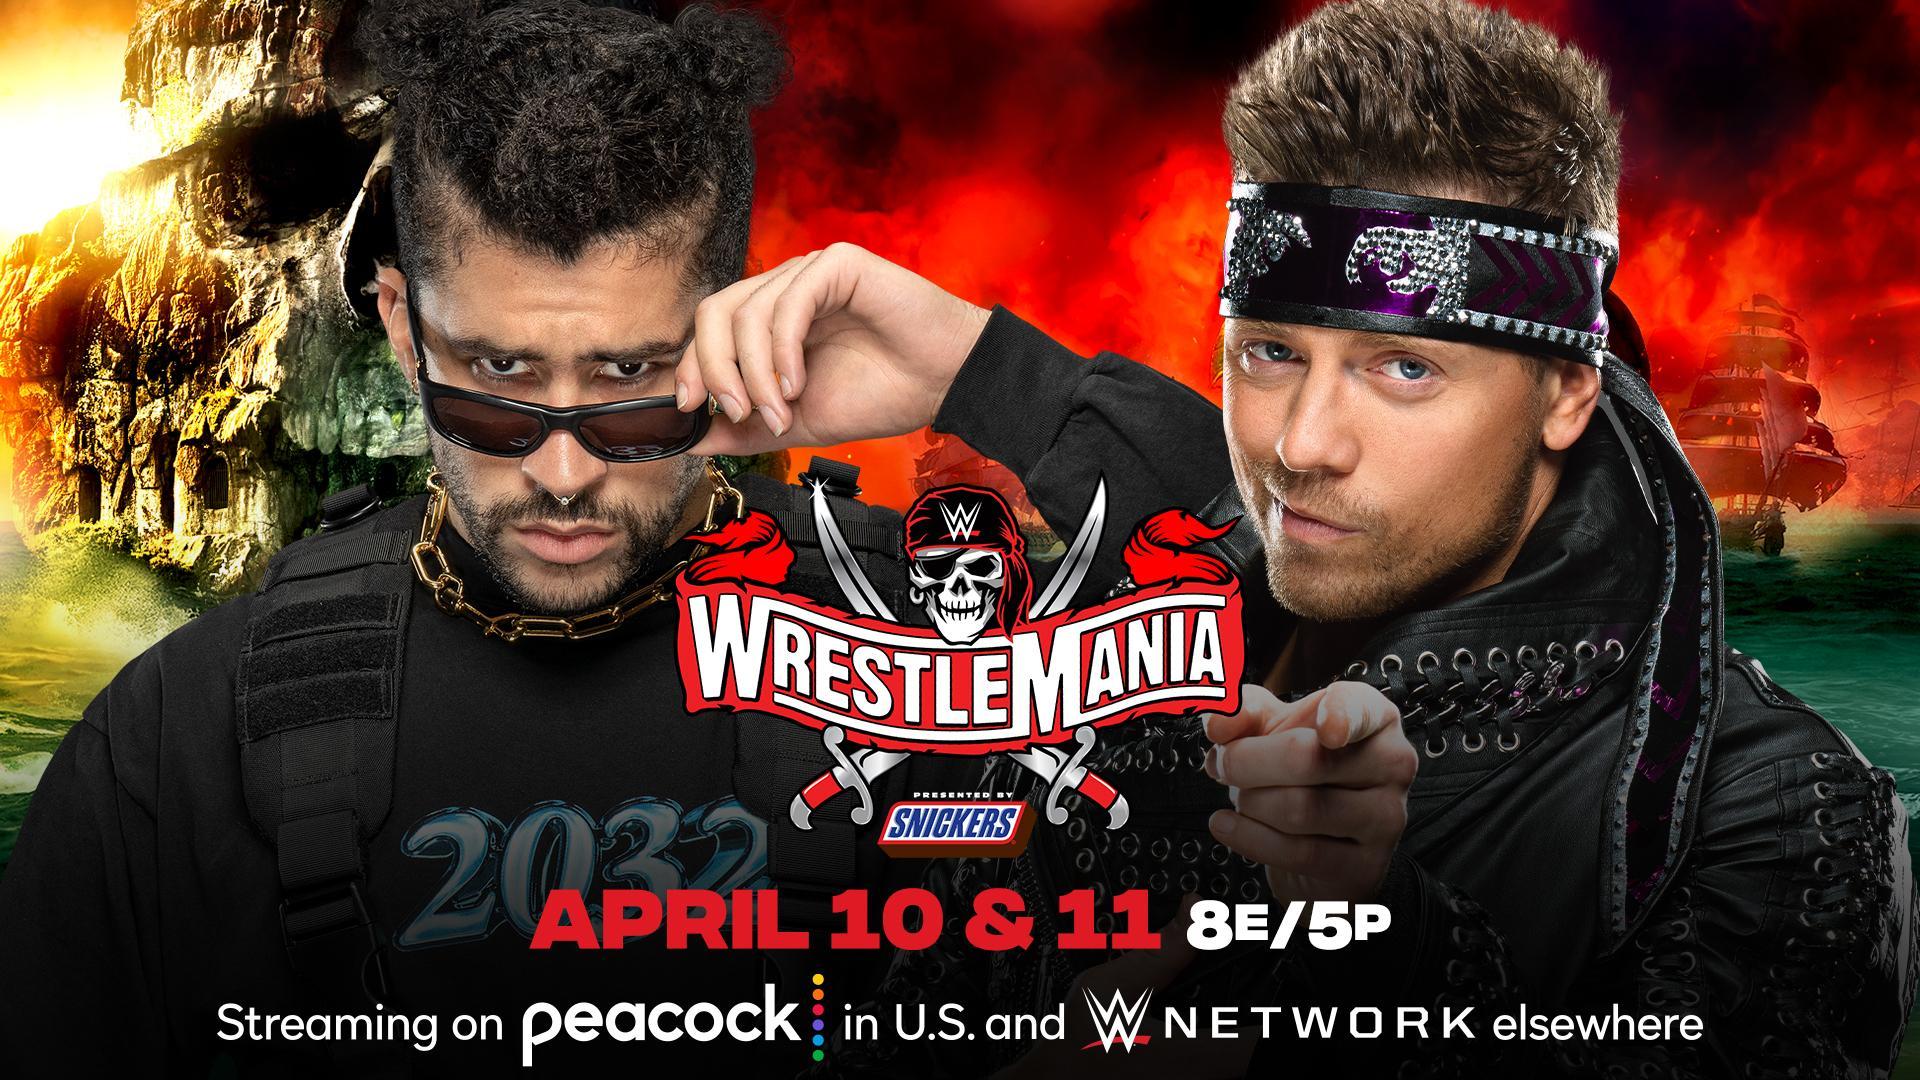 Bad Bunny tem seu adversário anunciado para a WrestleMania 37